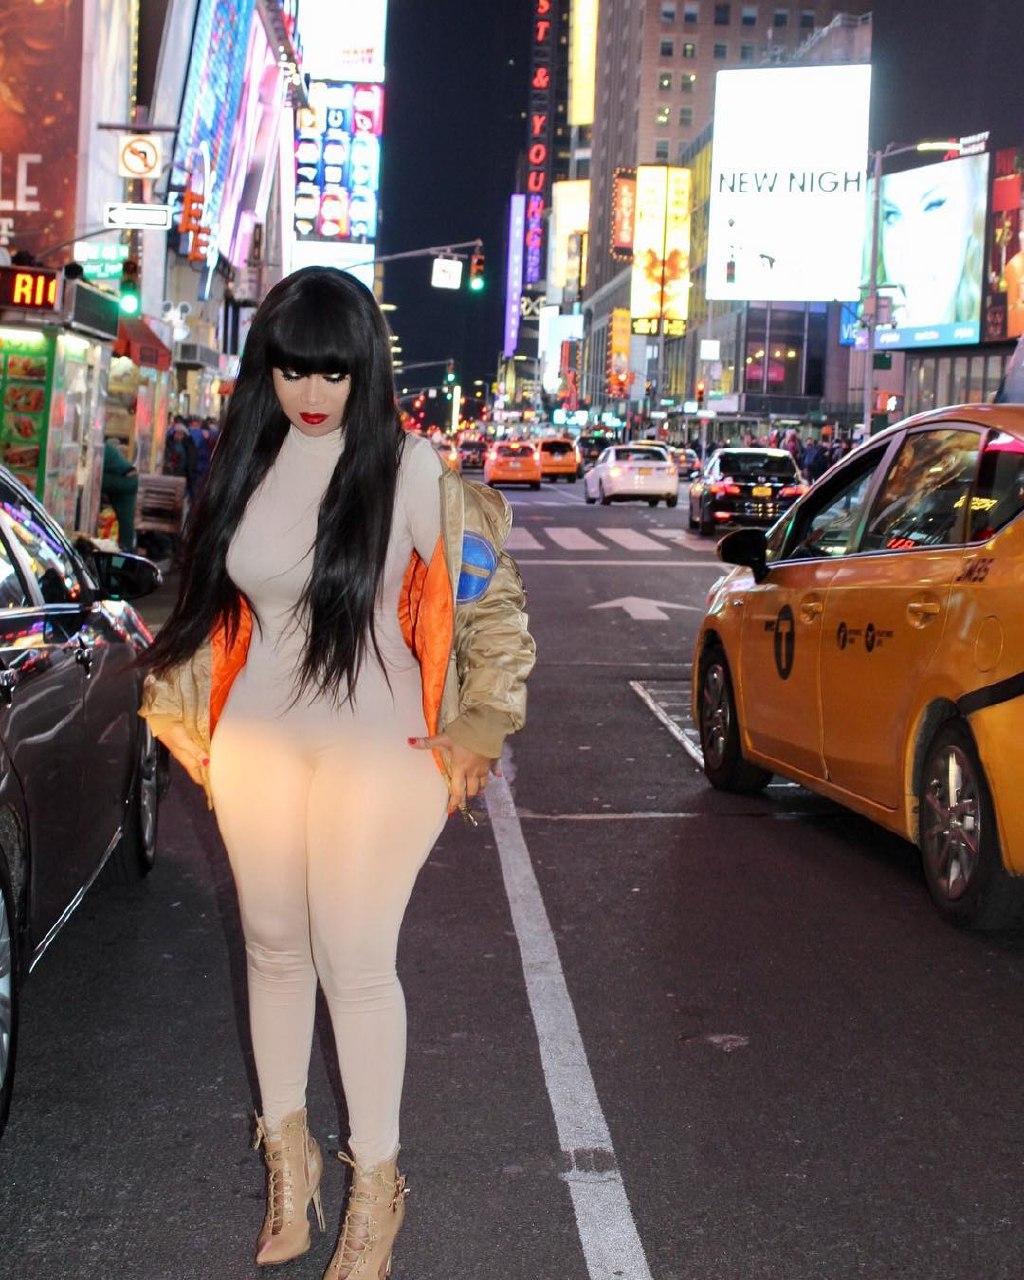 vera Sidika slaying In New York